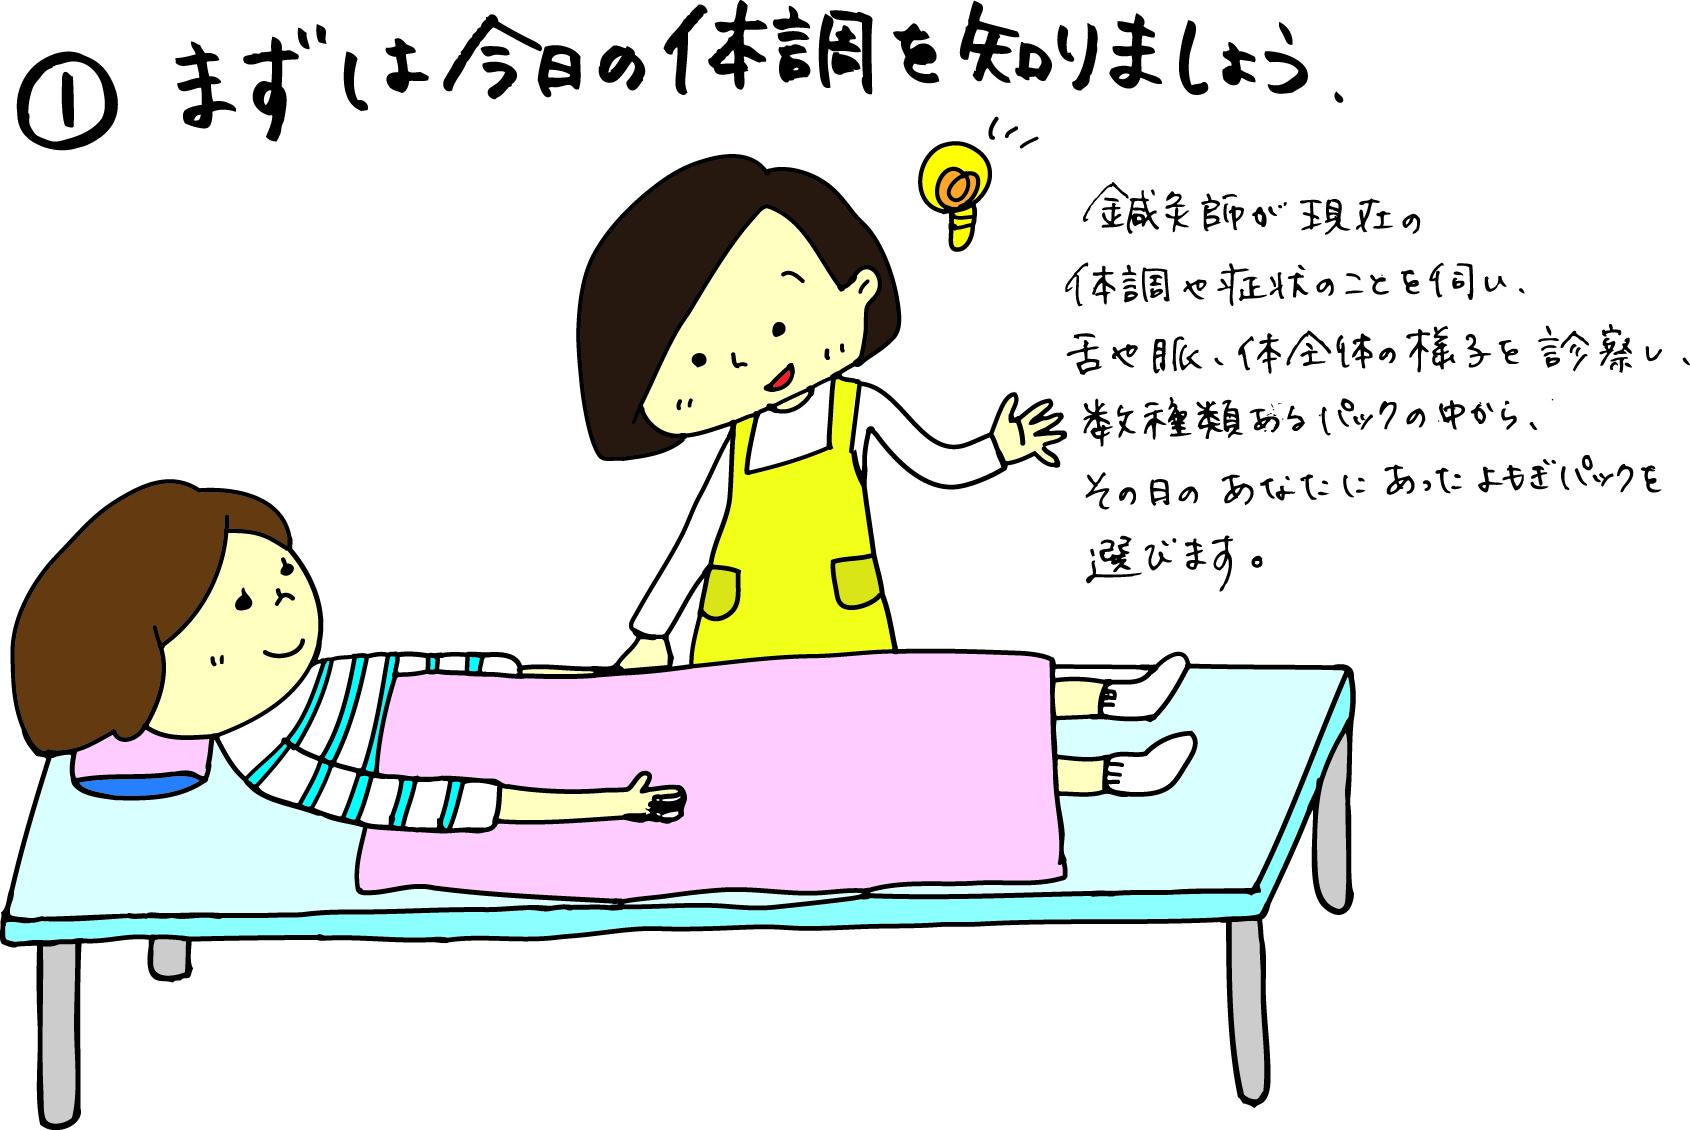 よもぎ蒸し の流れをイラストでご紹介 はやさき鍼灸治療院